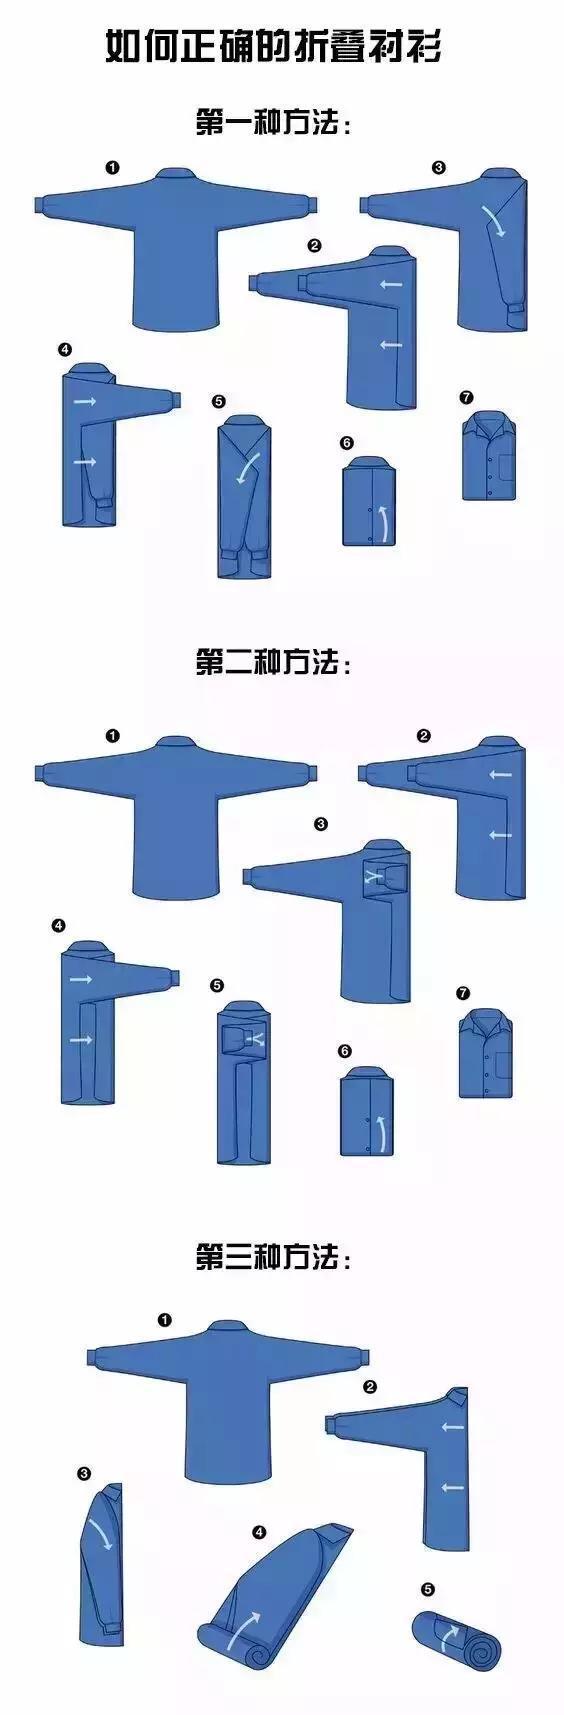 如何正确折叠西服衬衣,有几种方法呢?